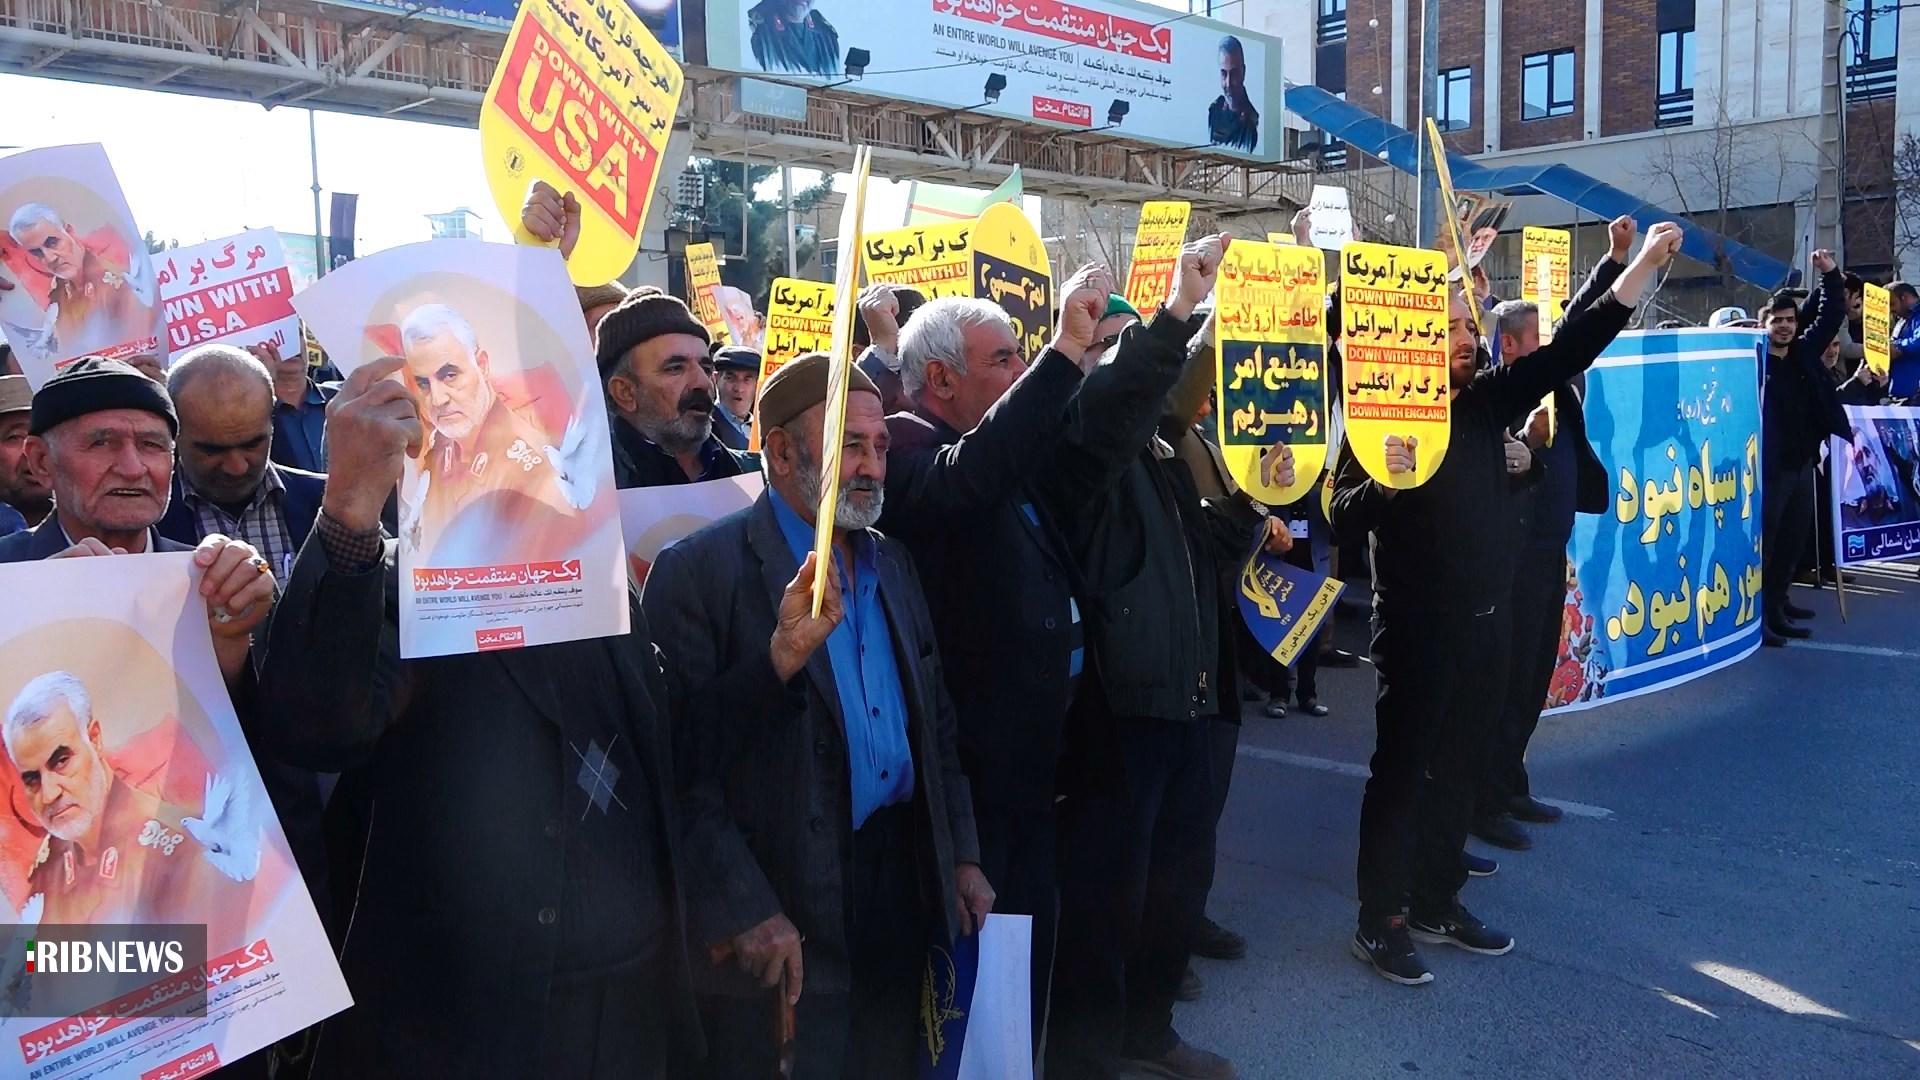 راهپیمایی مردم خراسان شمالی در حمایت از سپاه پاسداران و همدردی با خانواده هالی جان باختگان سانحه هوایی